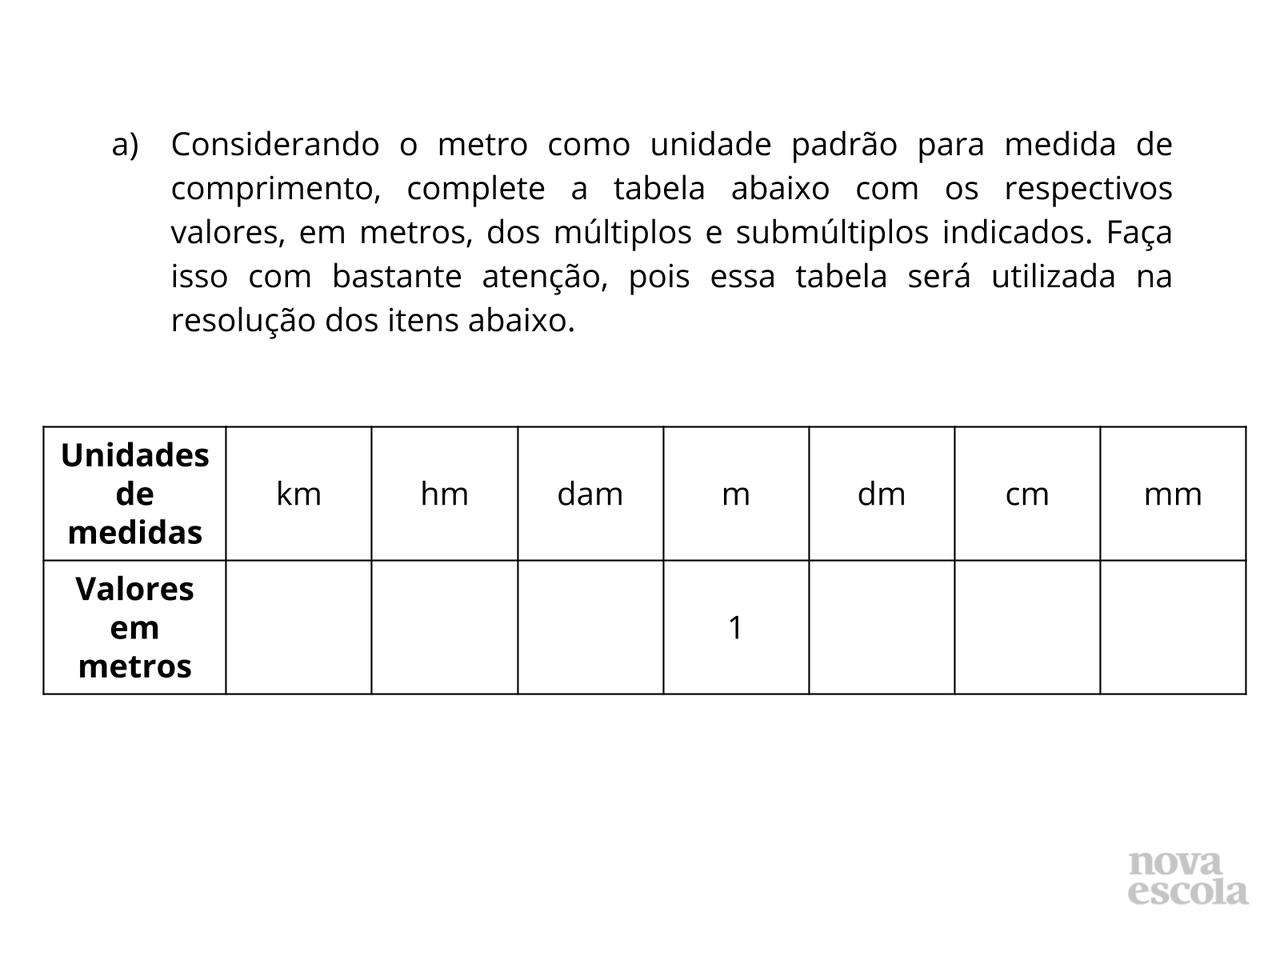 2c47eae93 ... aplicam os conhecimentos adquiridos numa situação semelhante e avaliar  os conhecimentos de cada um a respeito da conversão entre medidas de  comprimento.